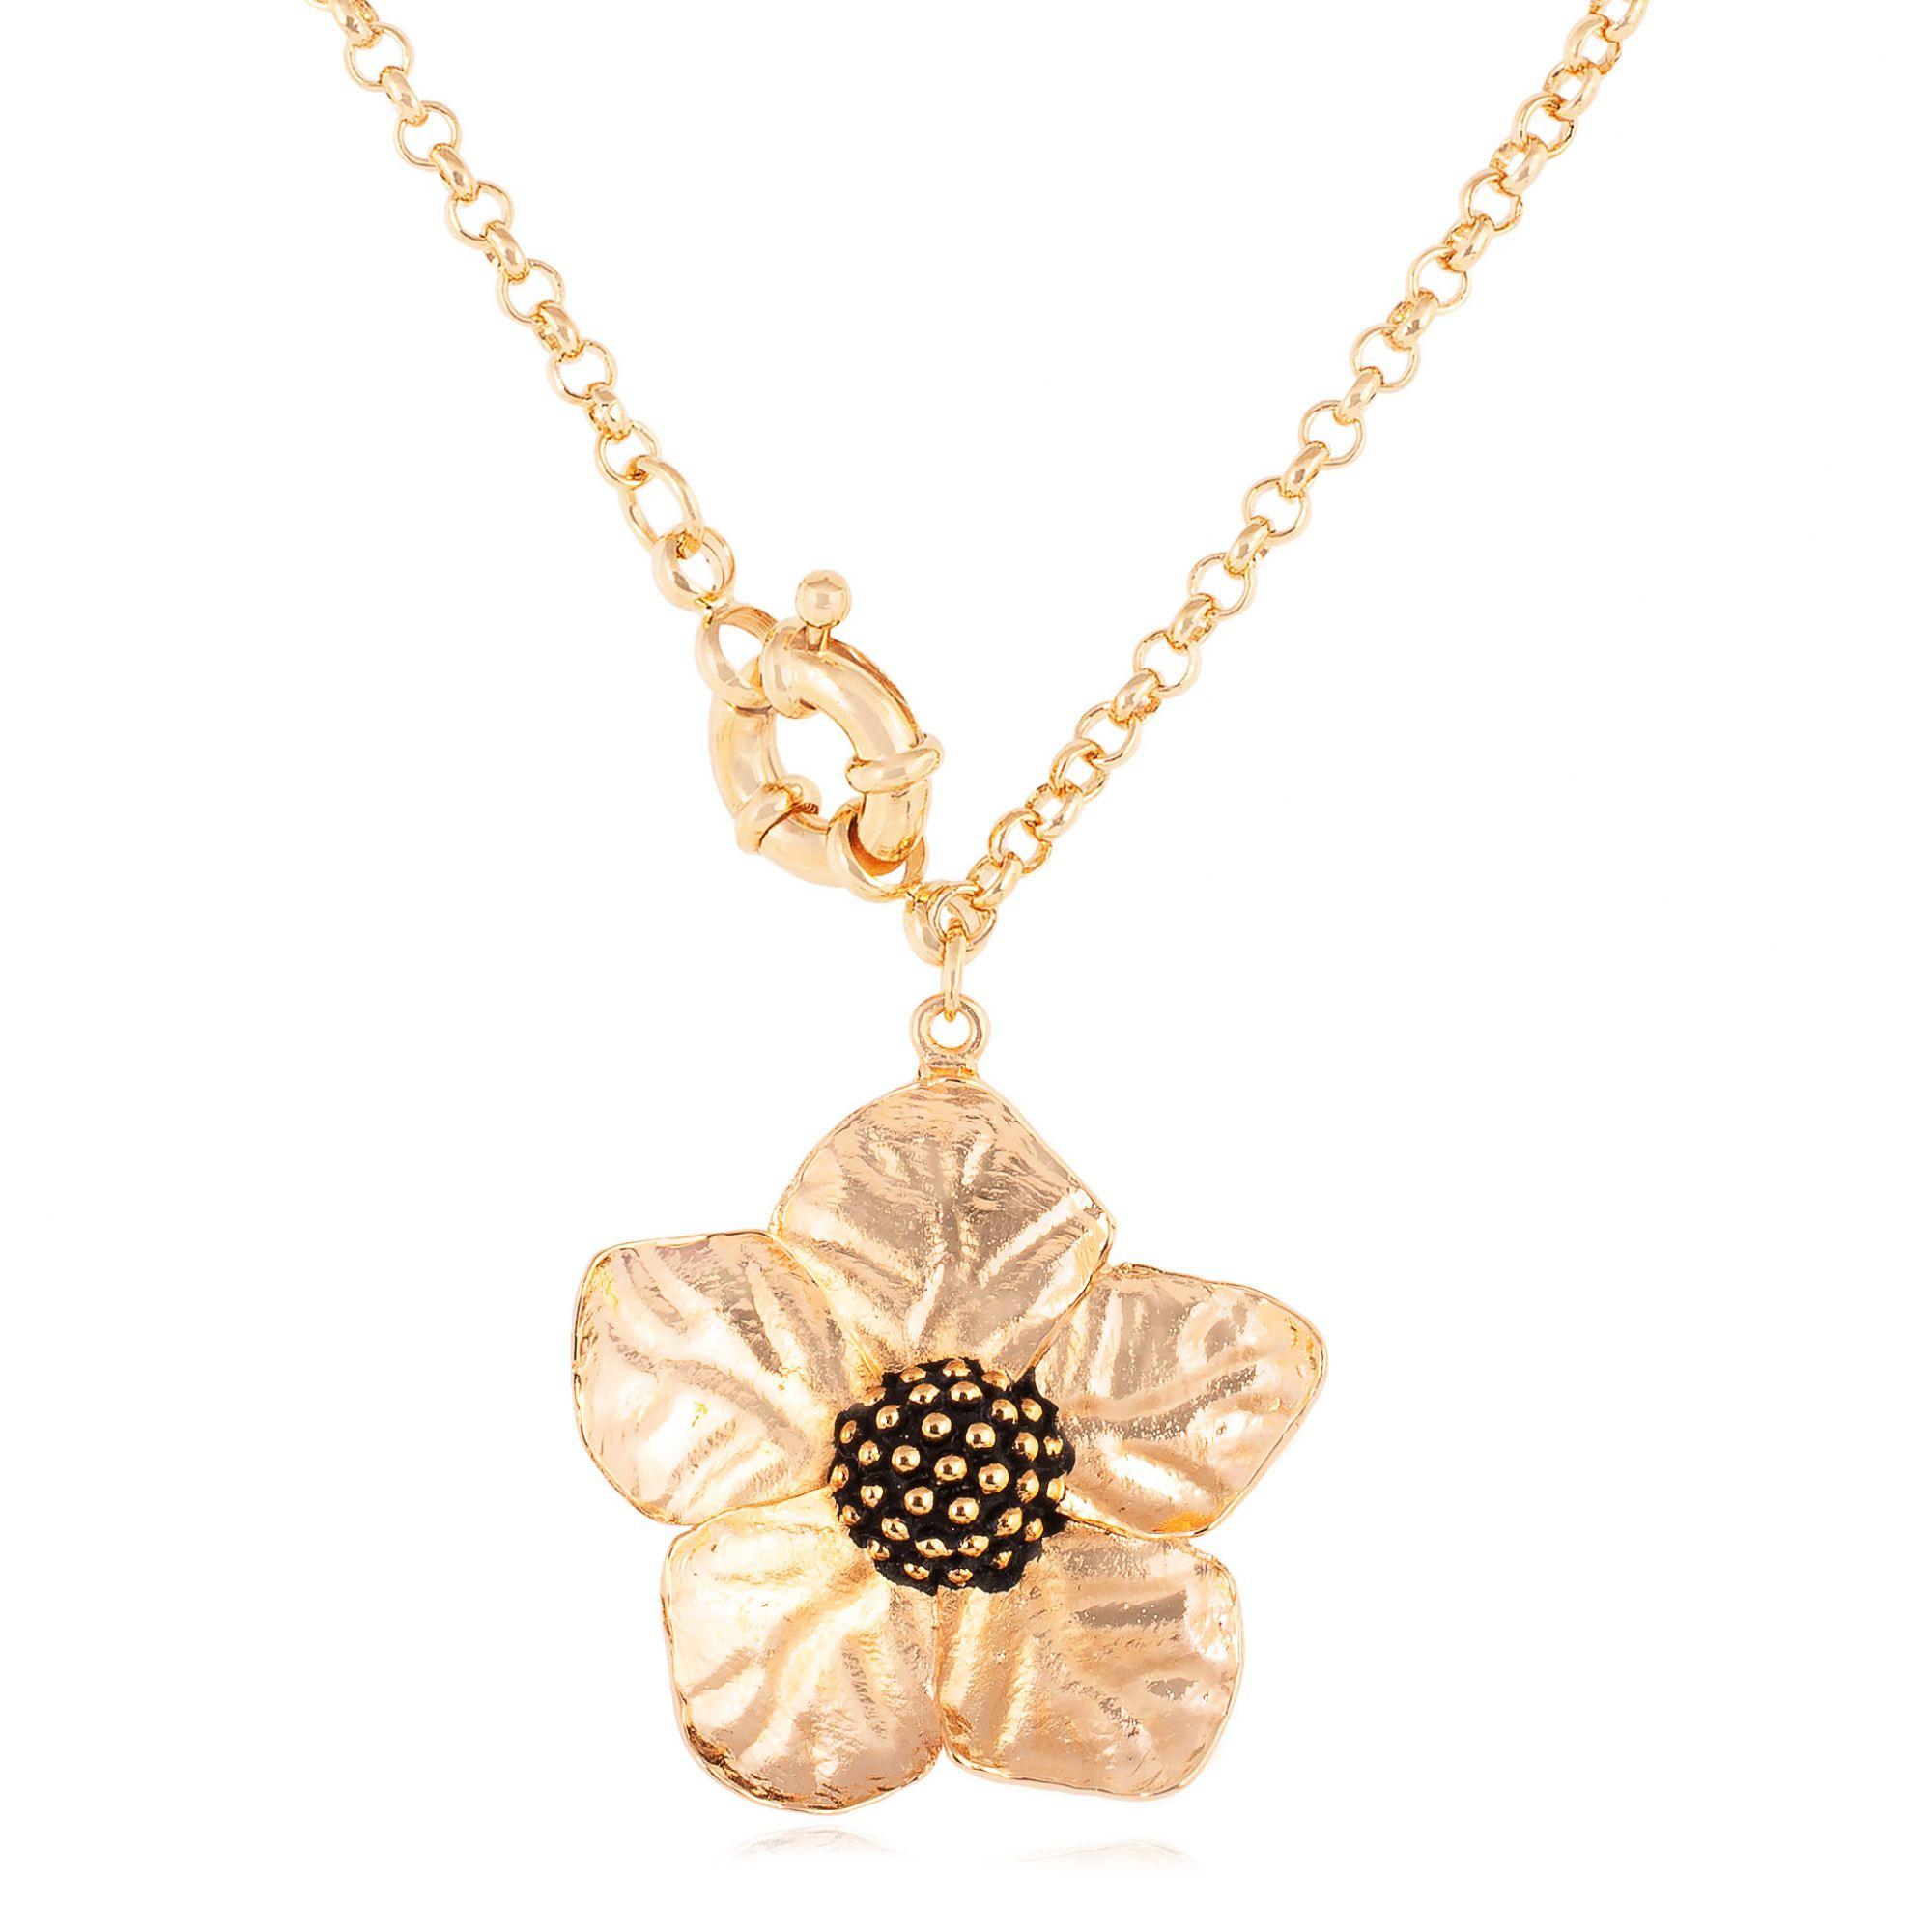 Colar de flor banhado a ouro 18k.  - romabrazil.com.br